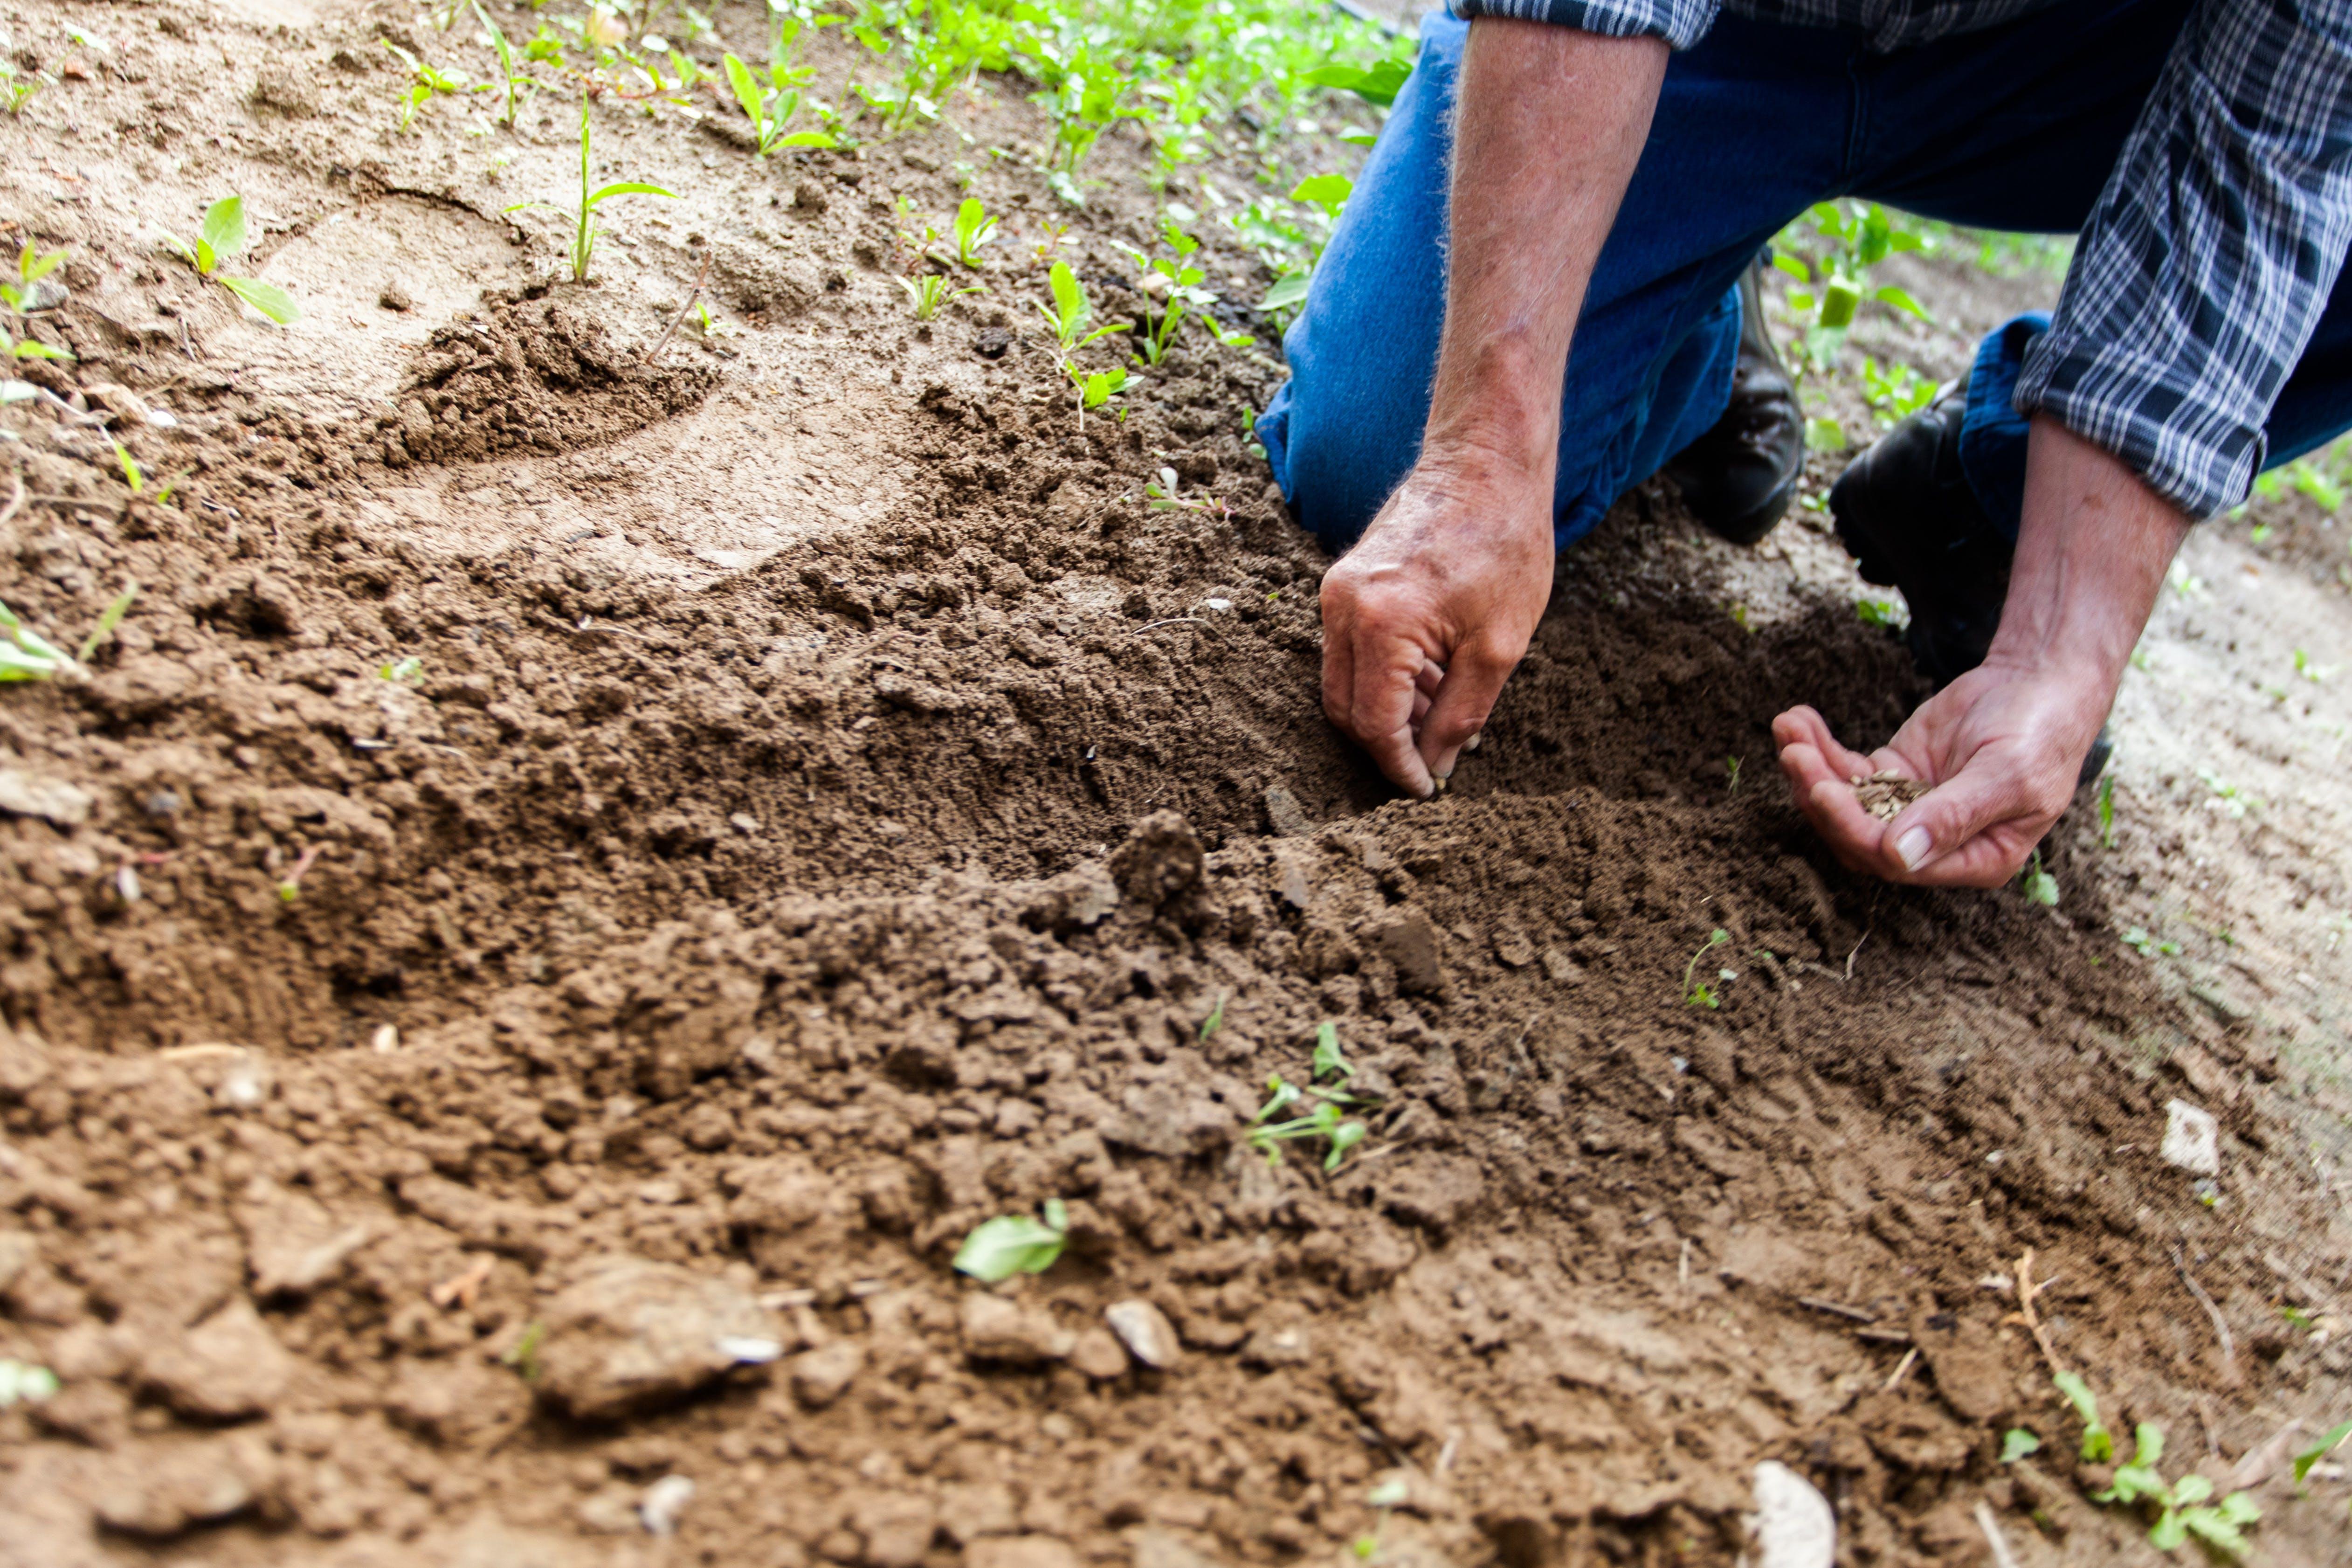 Kostenloses Stock Foto zu person, hände, garten, landwirtschaft